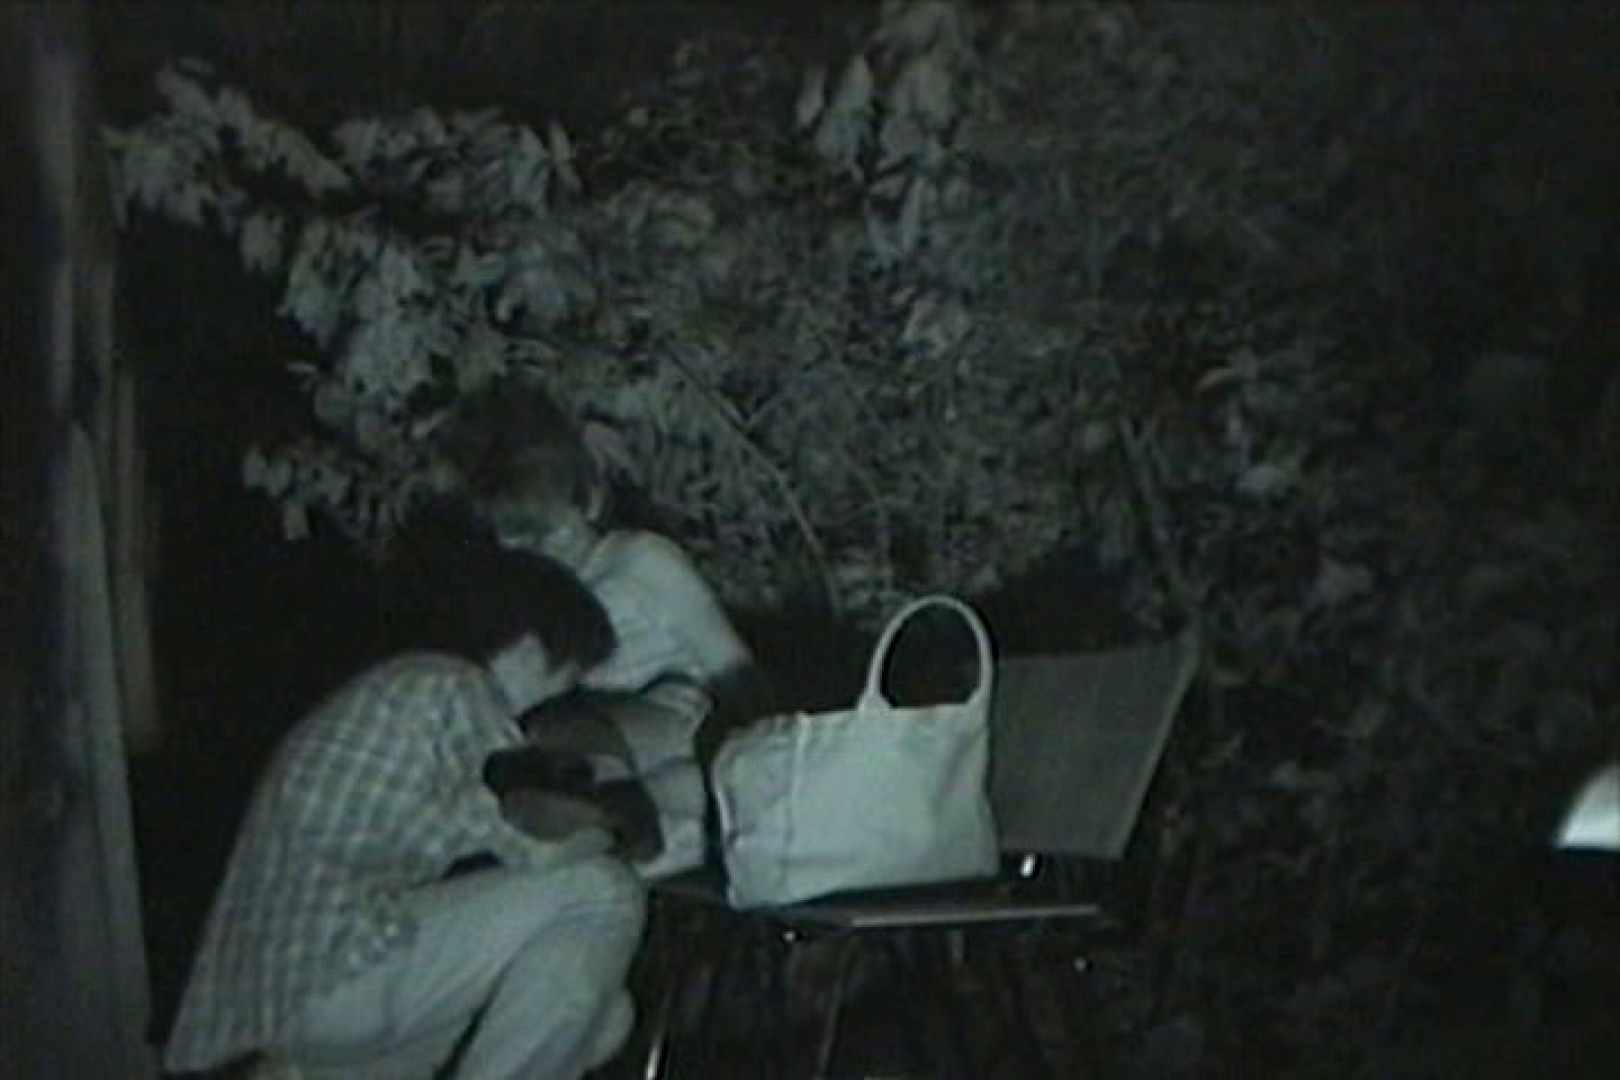 闇の仕掛け人 無修正版 Vol.24 ラブホテル隠し撮り ヌード画像 101pic 19